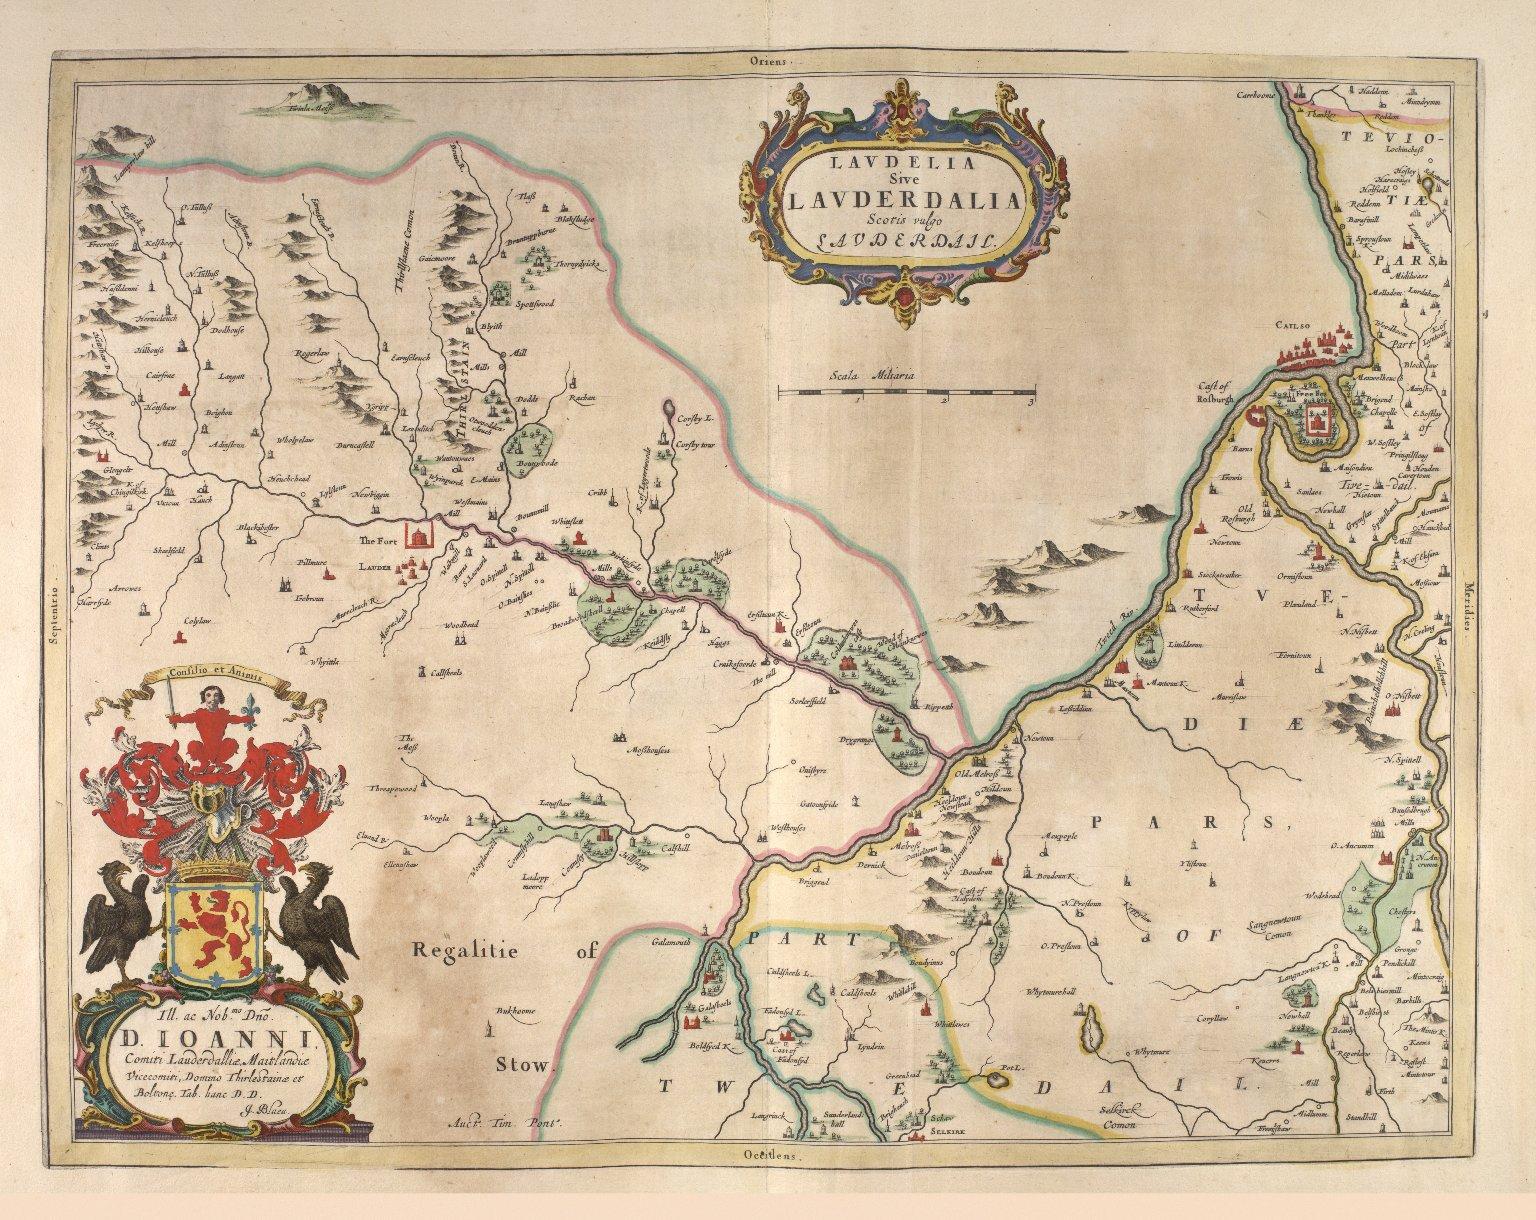 Laudelia sive Lauderdalia Scotis vulgo Lauderdail. [2 of 2]